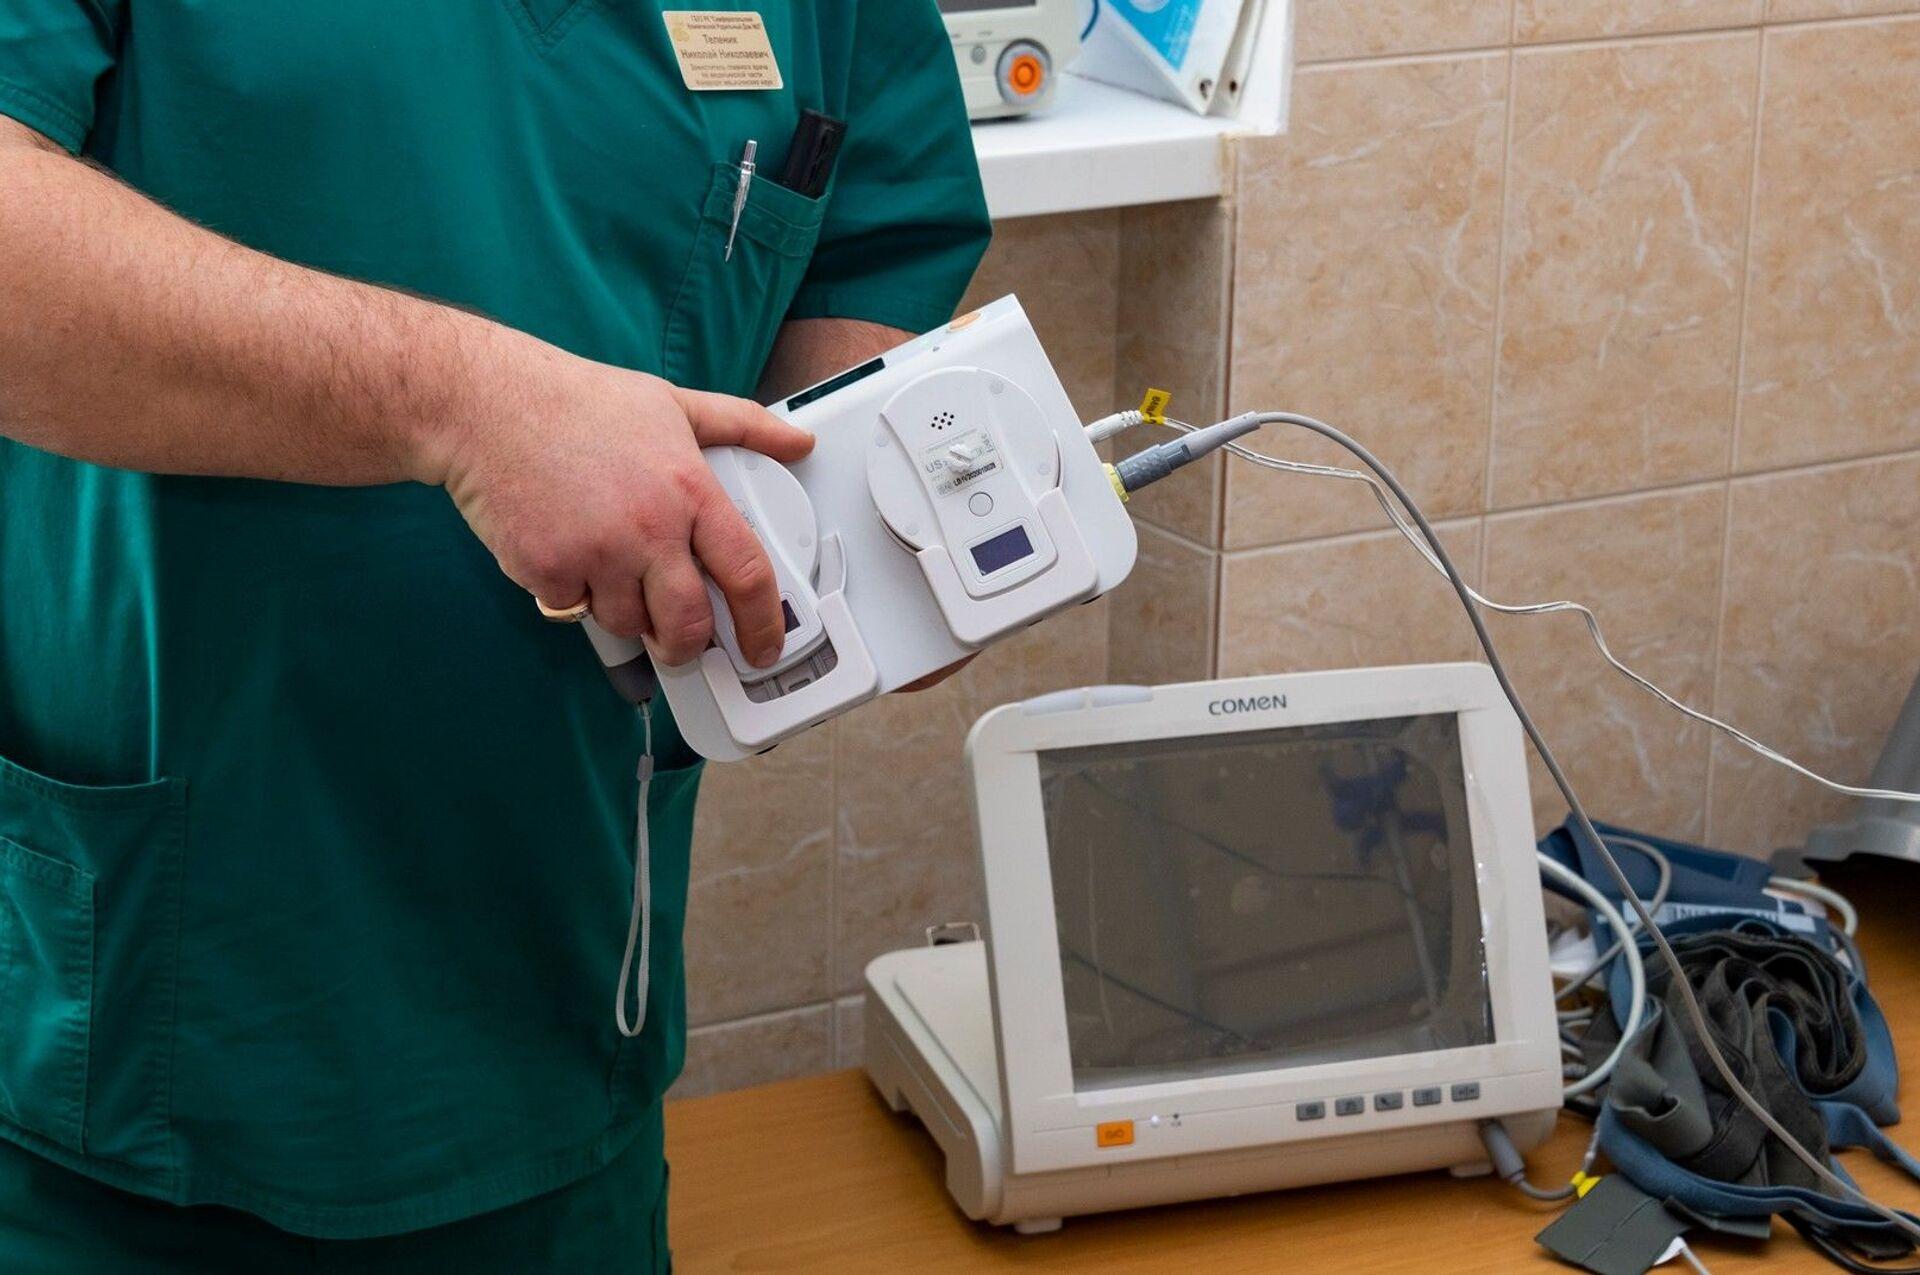 В бывший ковидный госпиталь-роддом в Крыму закупили новое оборудование - РИА Новости, 1920, 05.03.2021